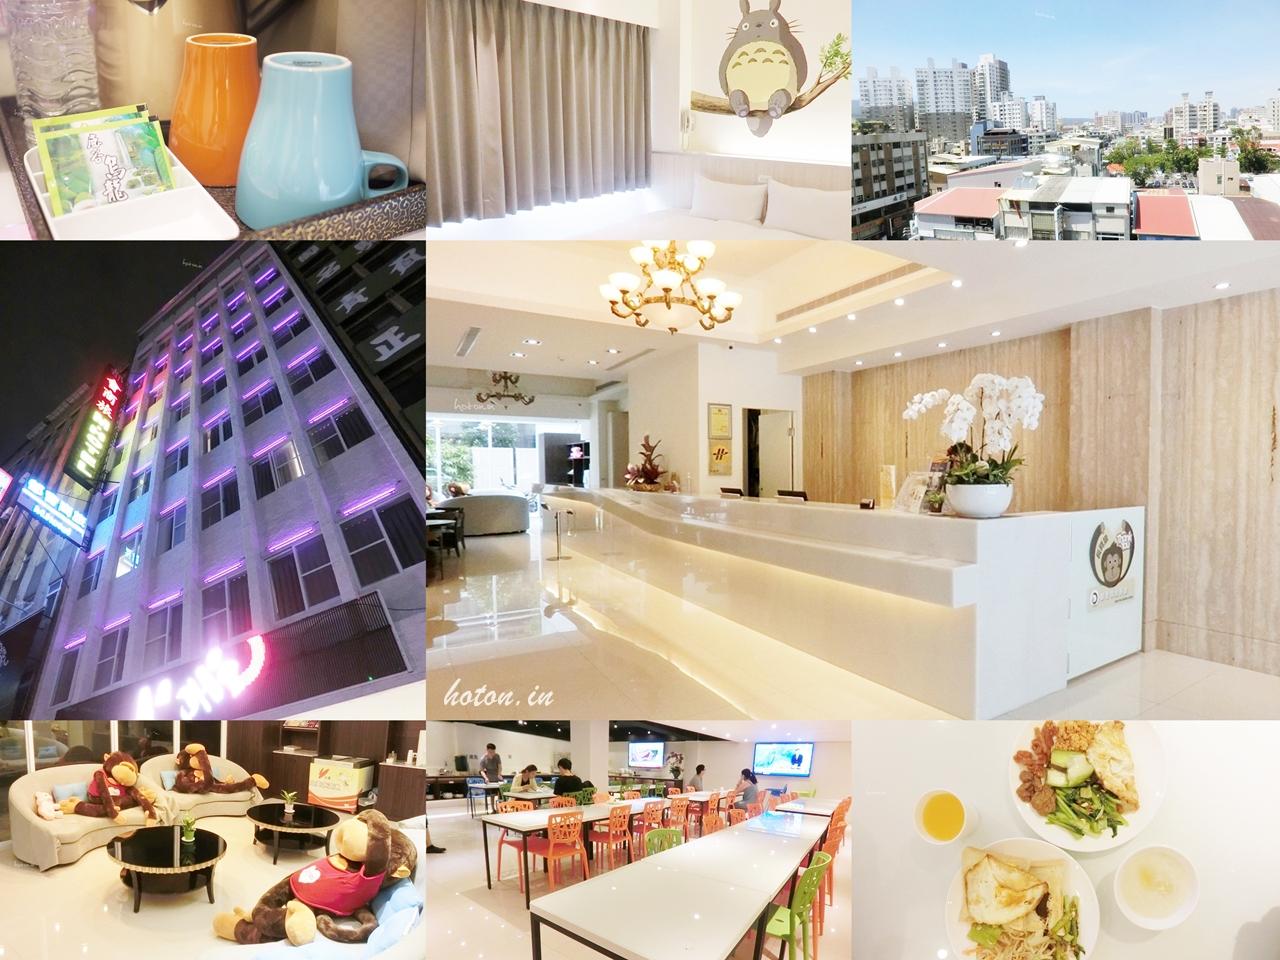 【高雄住宿心得】M.HOTEL都會商旅-愛河七賢館.平價CP值高的好選擇!附早餐